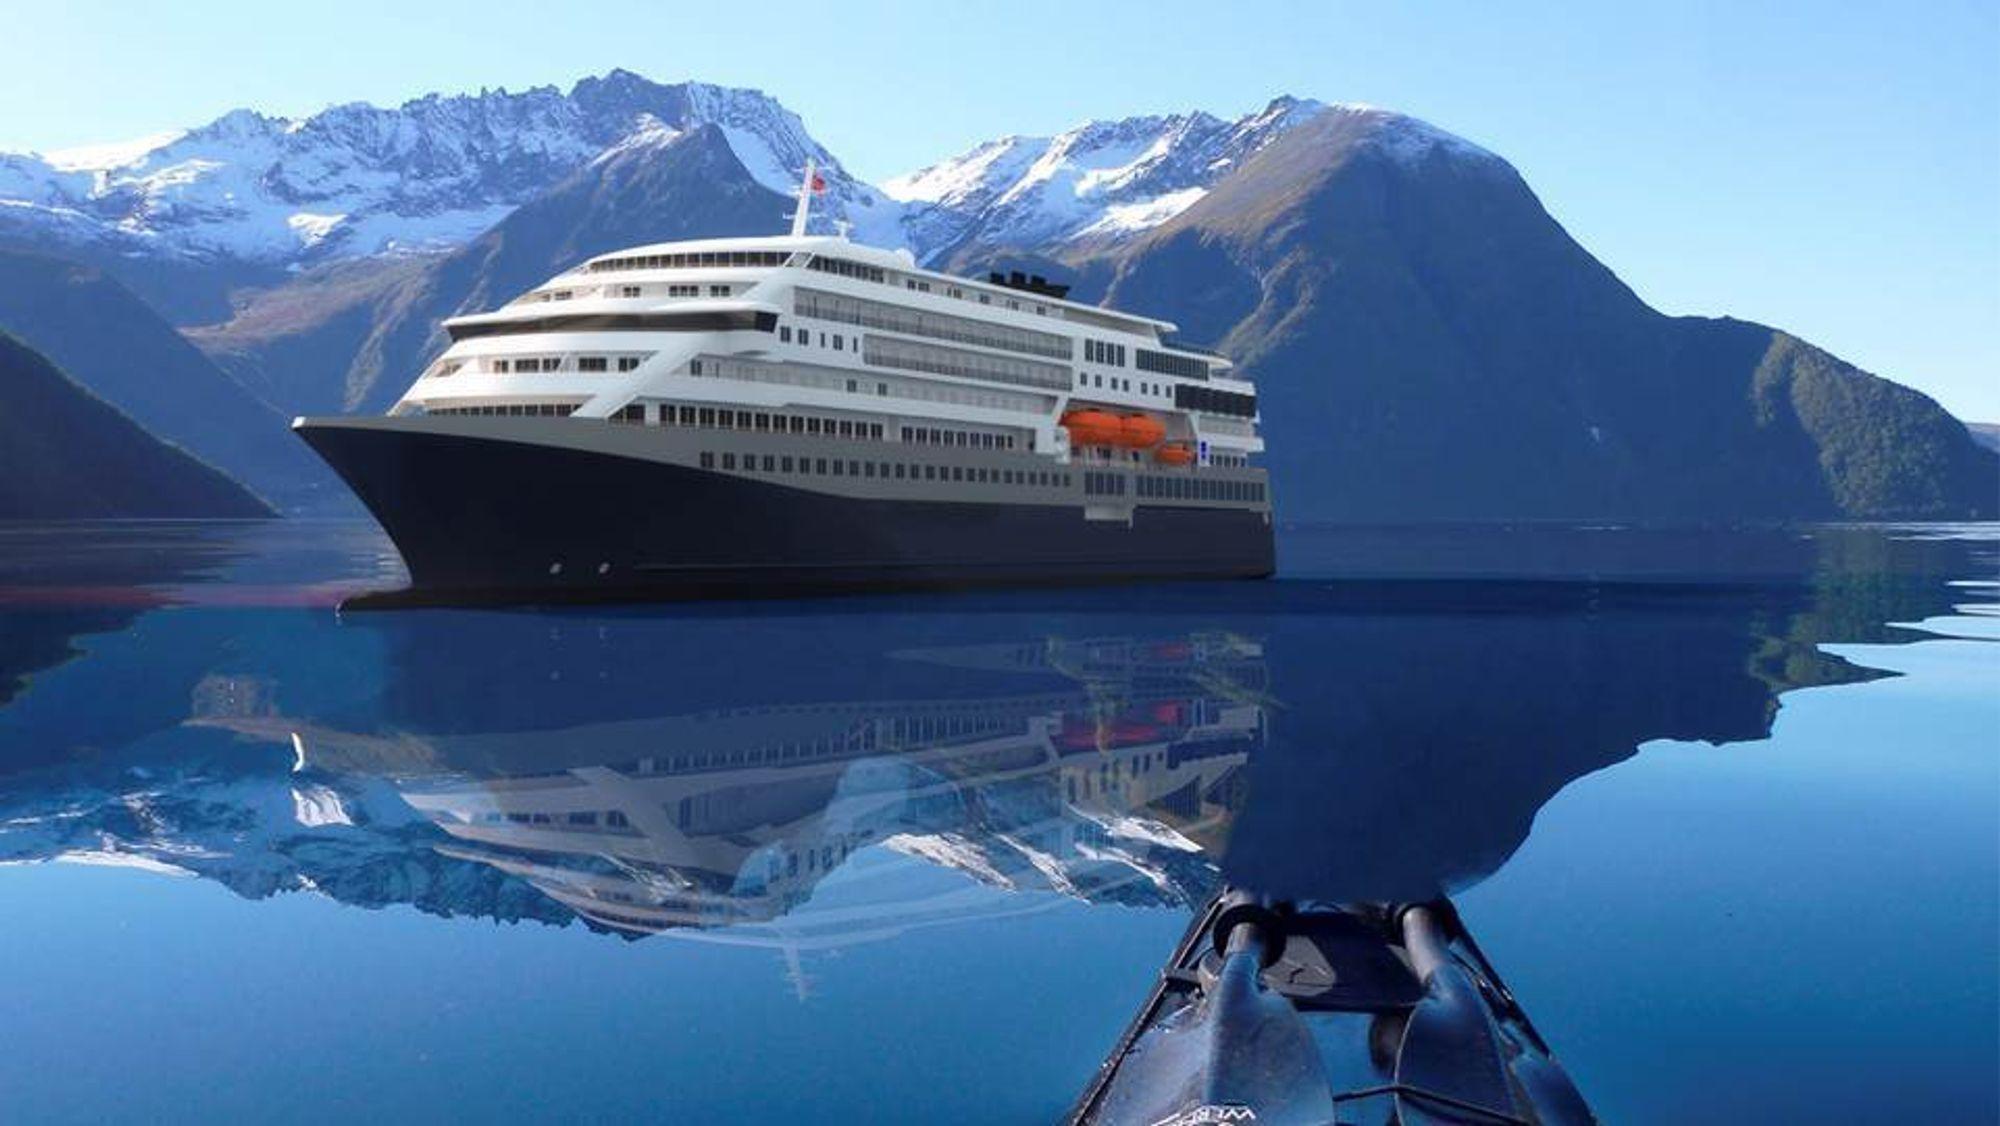 Nye kystruteskip for Bergen-Kirkenes kan ha 60 prosent lavere CO2-utslipp sammenliknet med de nye ekspedisjonsskipene til Hurtigruten. Med batteridrift ladet fra landstrøm, kan skipet gå rundt fire timer på batteri, blant annet i Geirangerfjorden og til og fra kai.